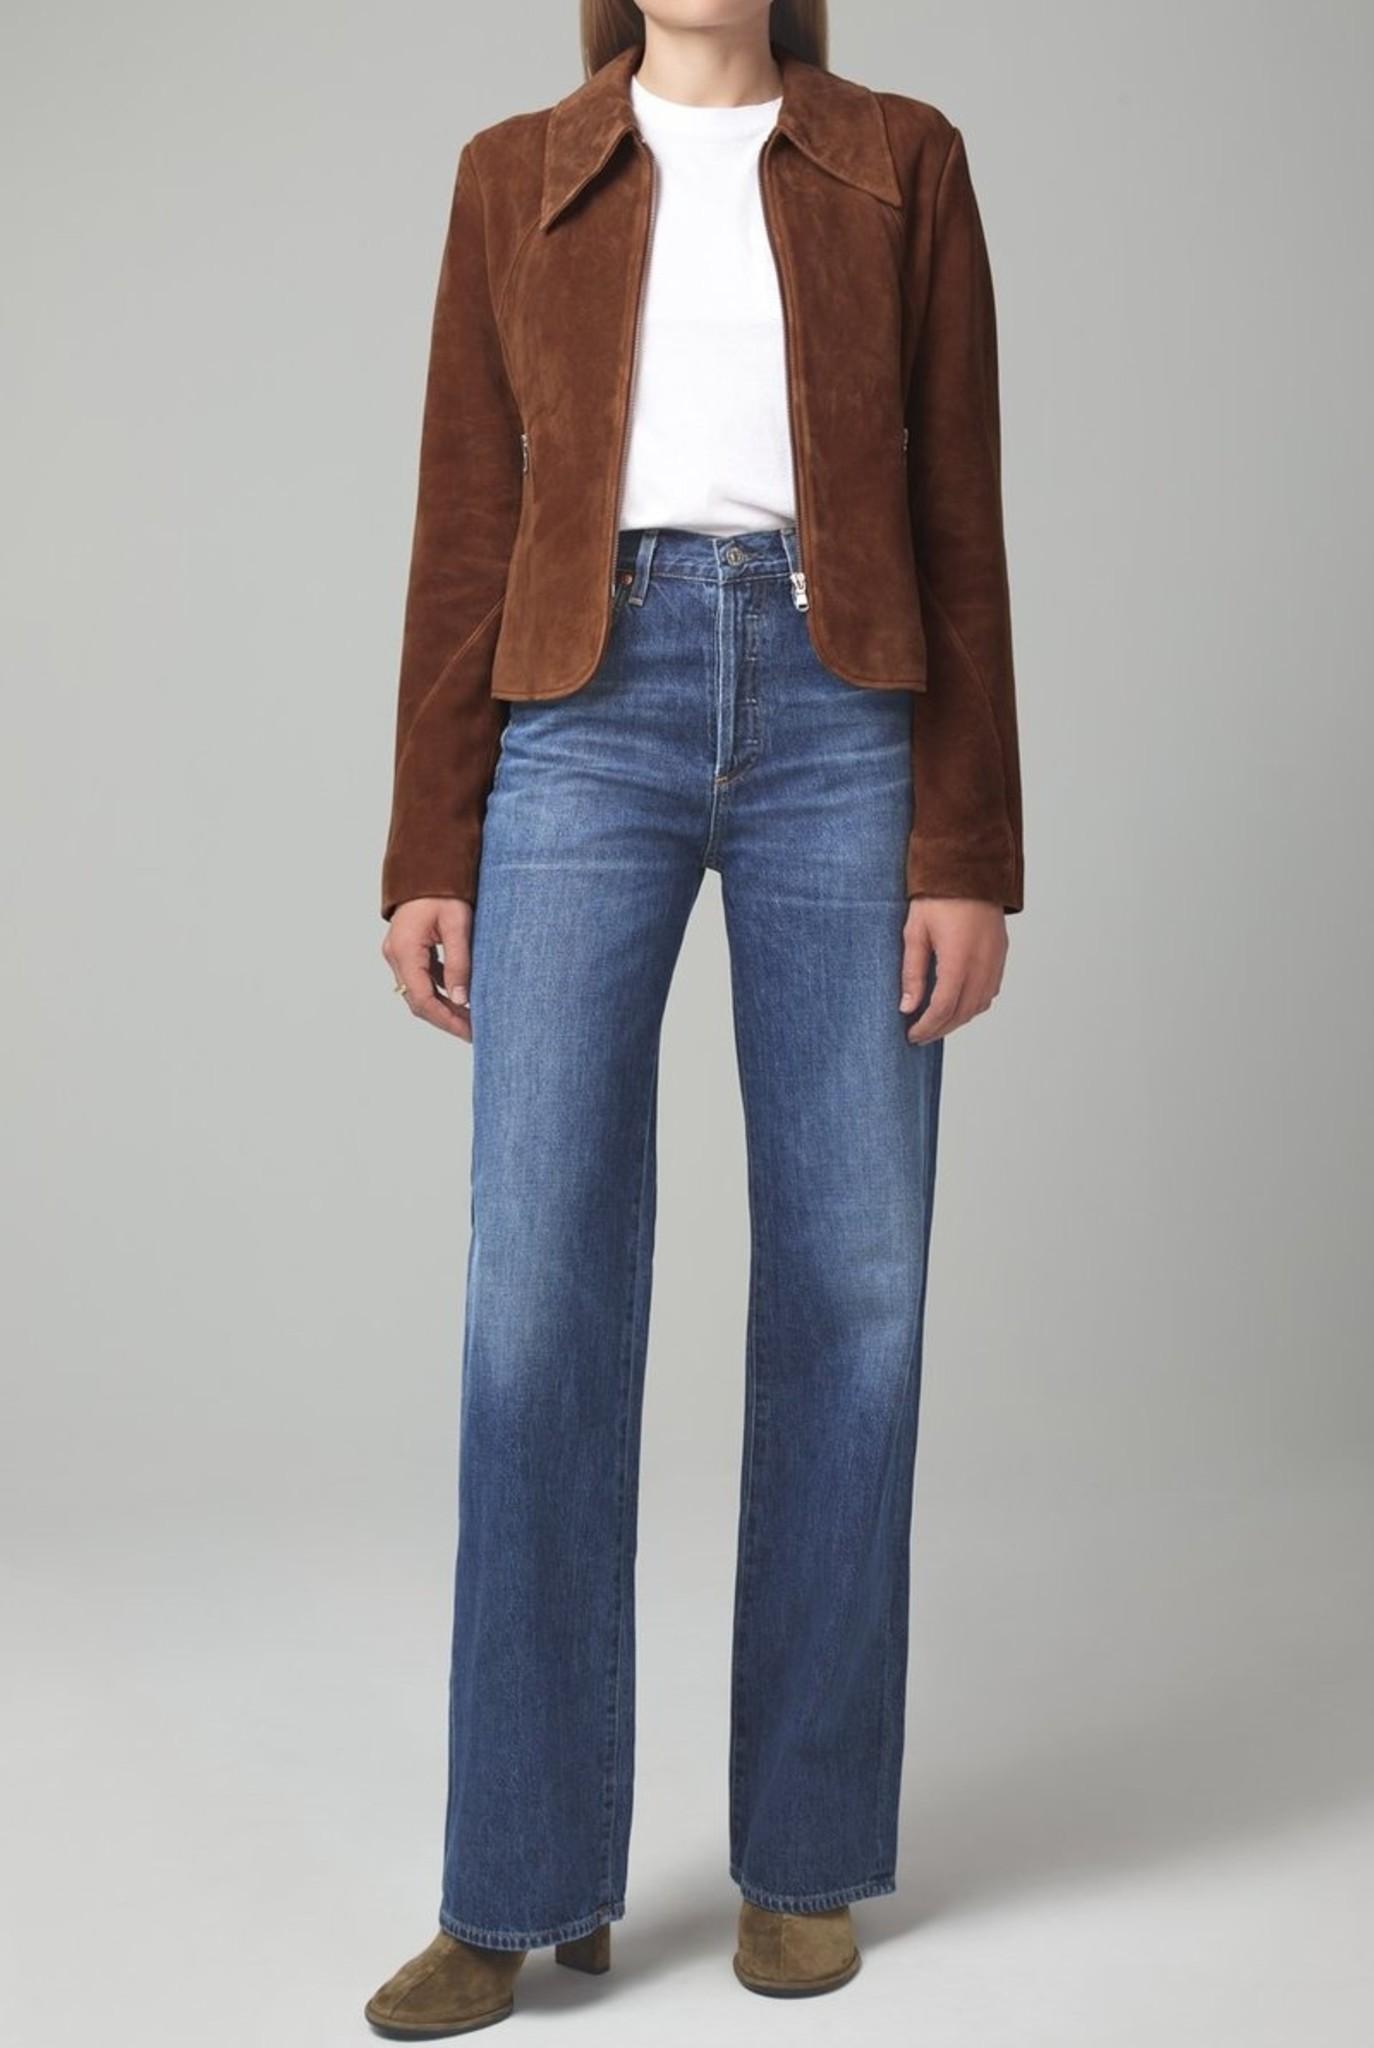 Annina jeans Blue Rose